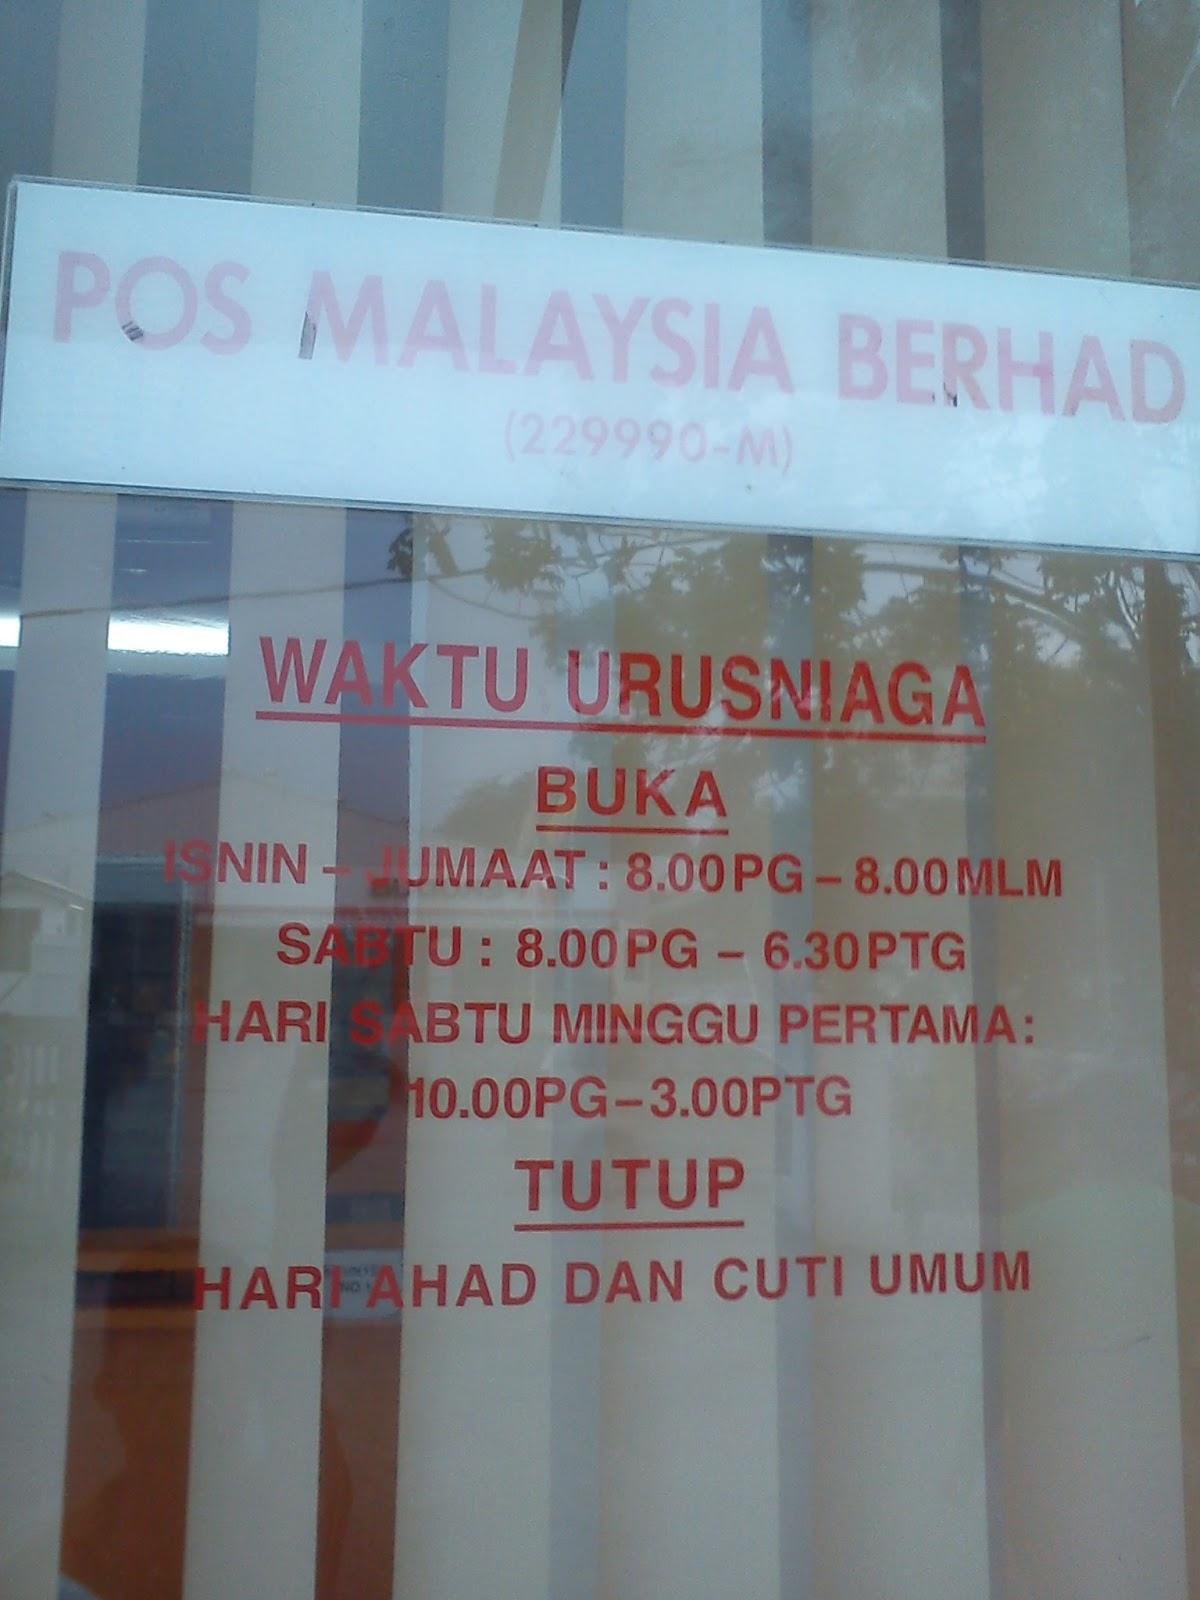 Malaysia Courier Services Poslaju Petaling Jaya